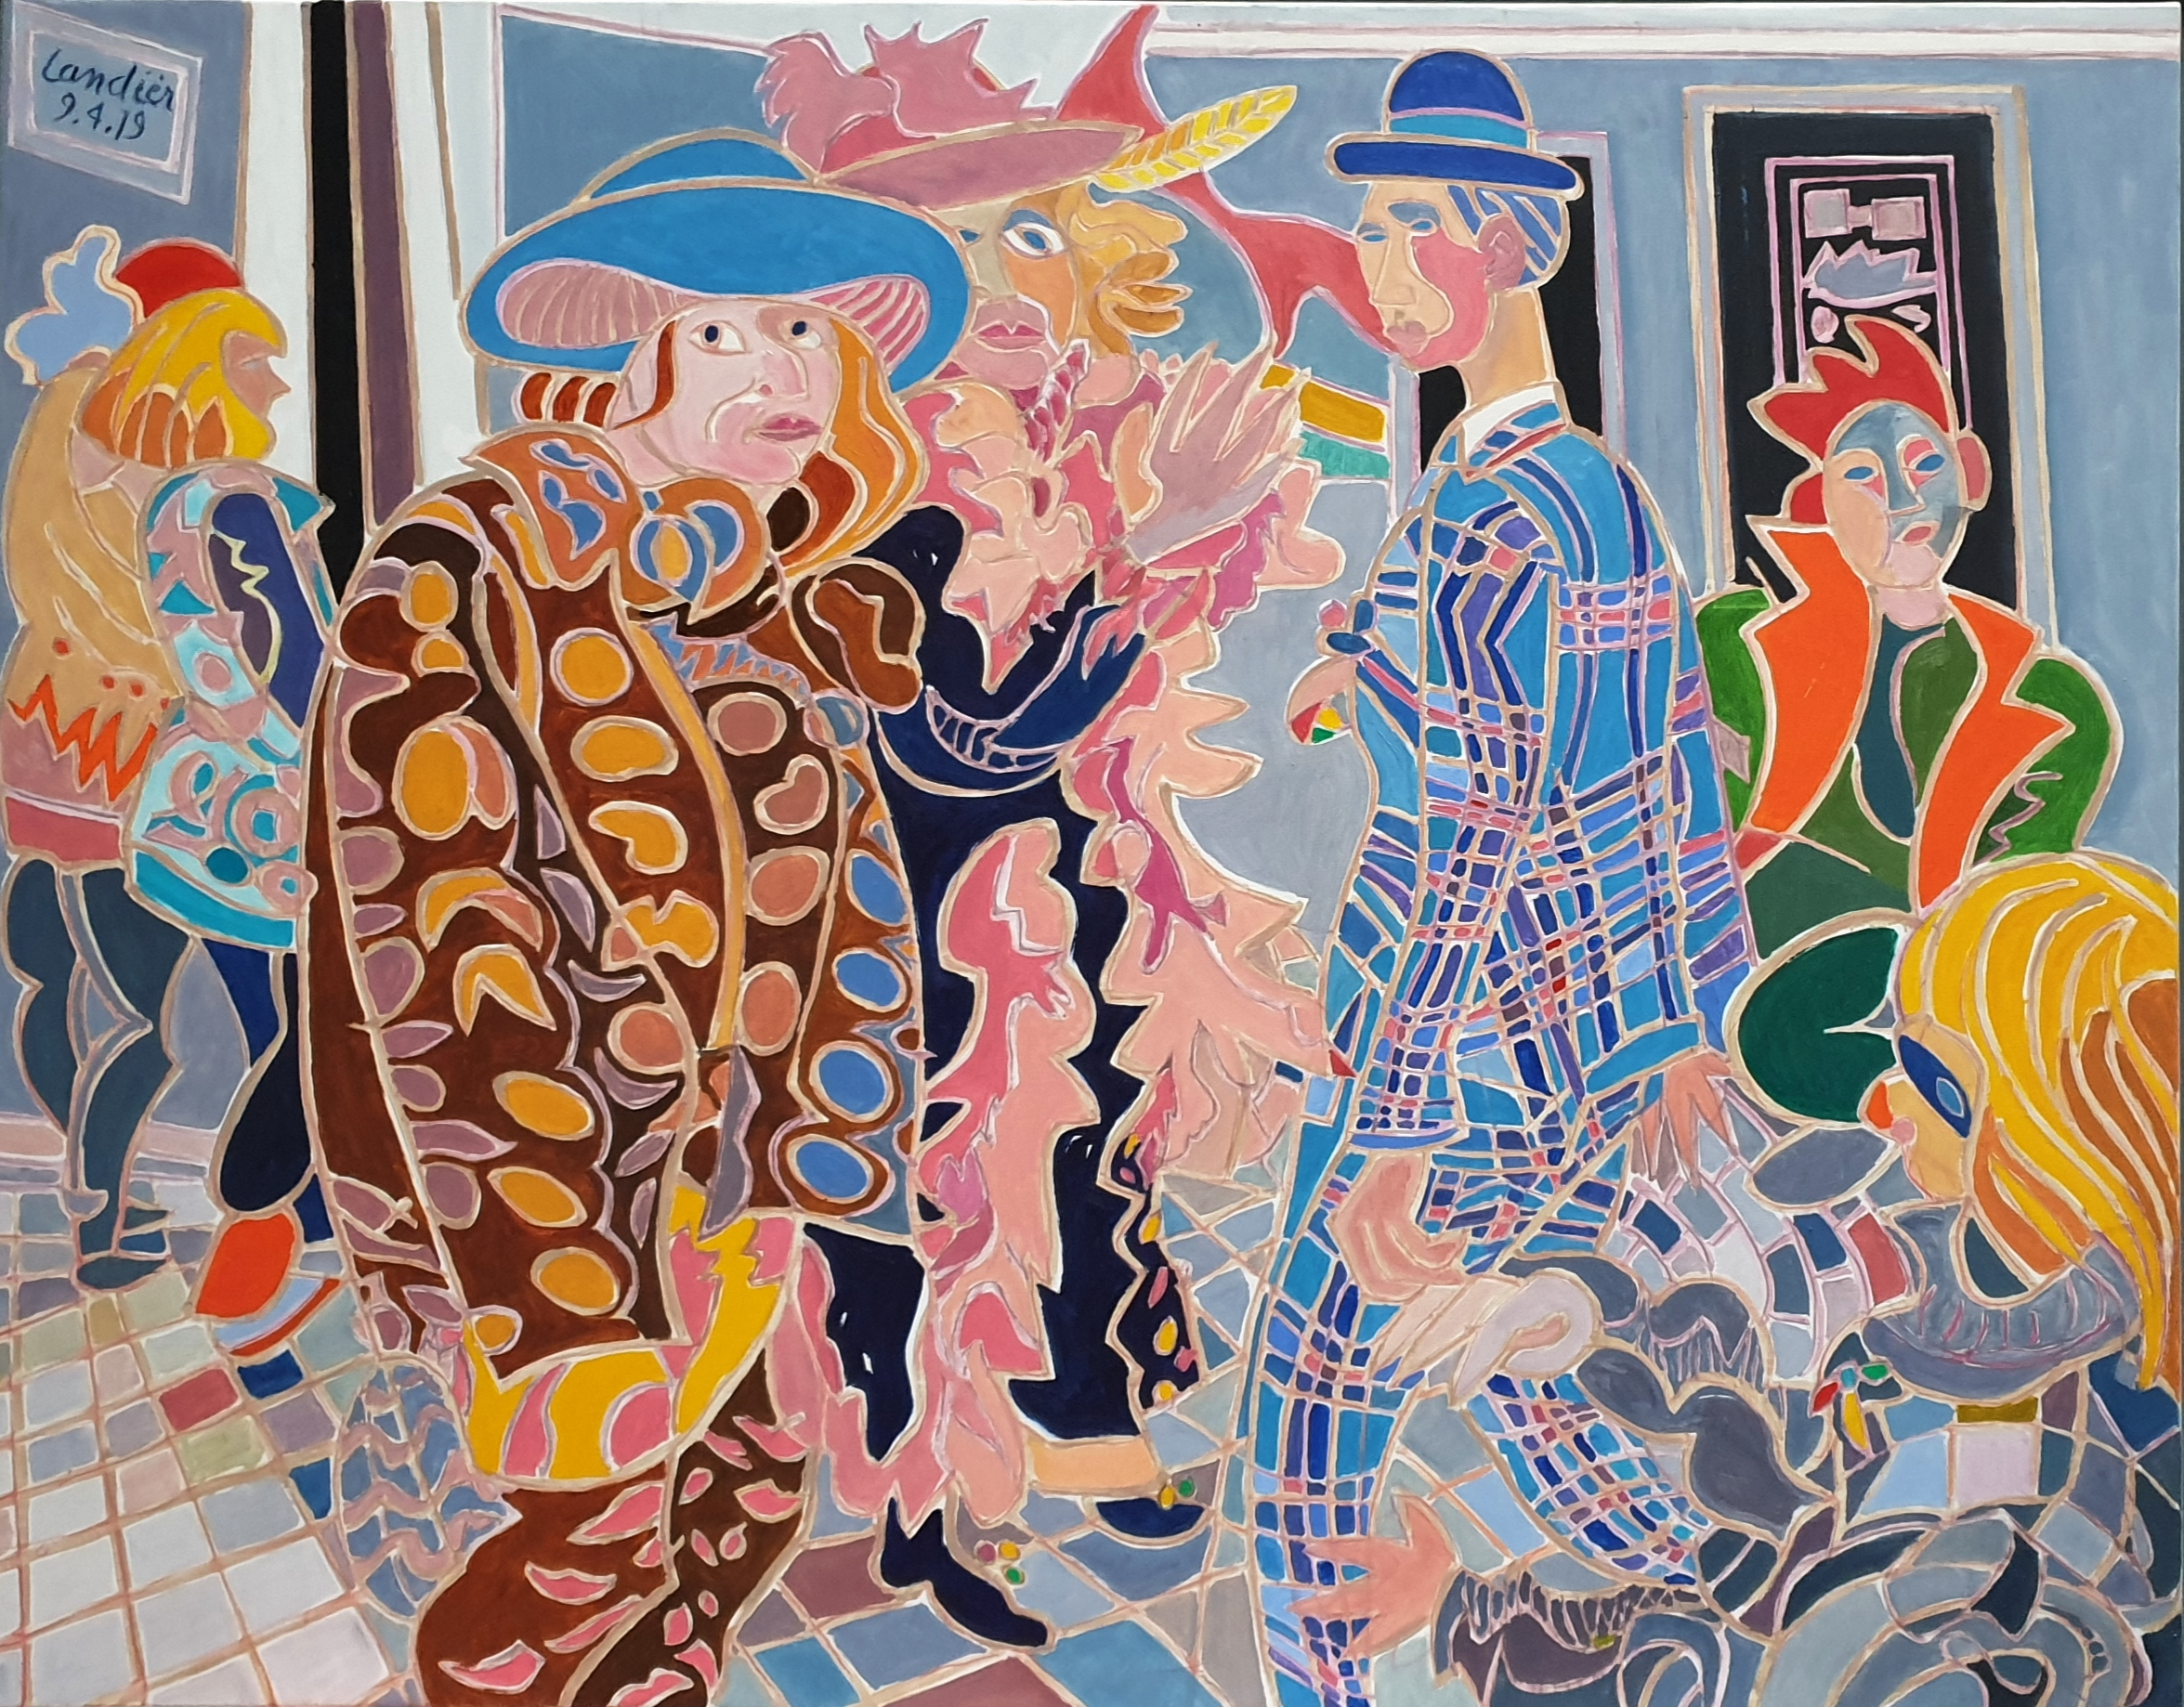 Le dandy dans la foule Peinture de Henri LANDIER 2019 114x146 cm Prix : 25 000 €